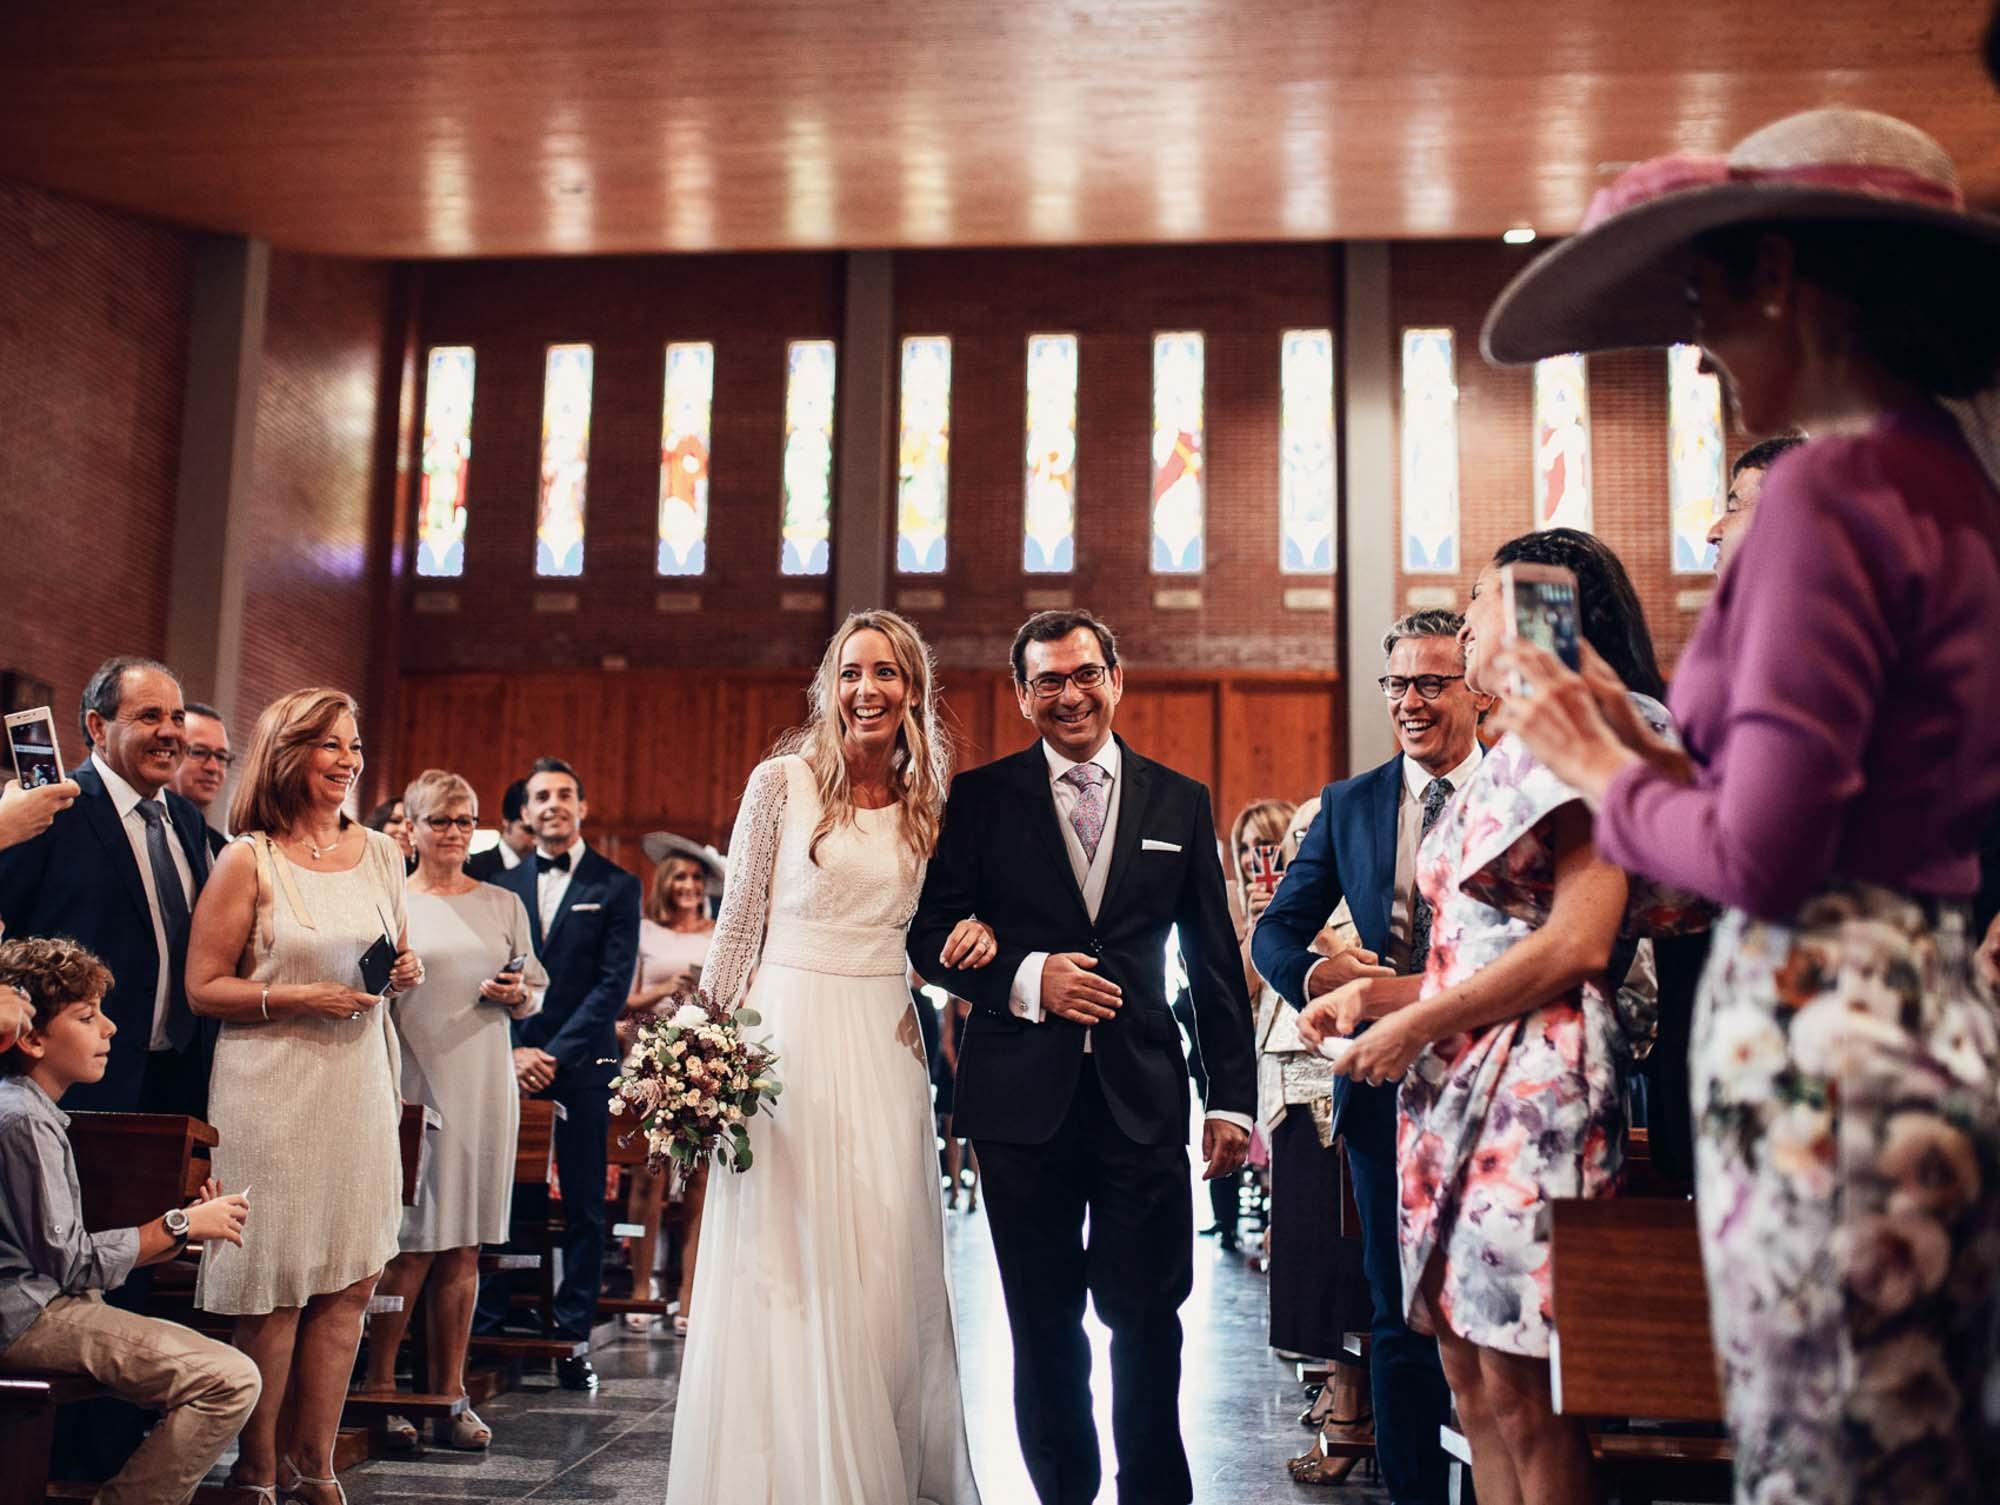 iglesia de cabo de palos novia padrino iglesia pasillo ramo invitados cabo de palos playa fotografia